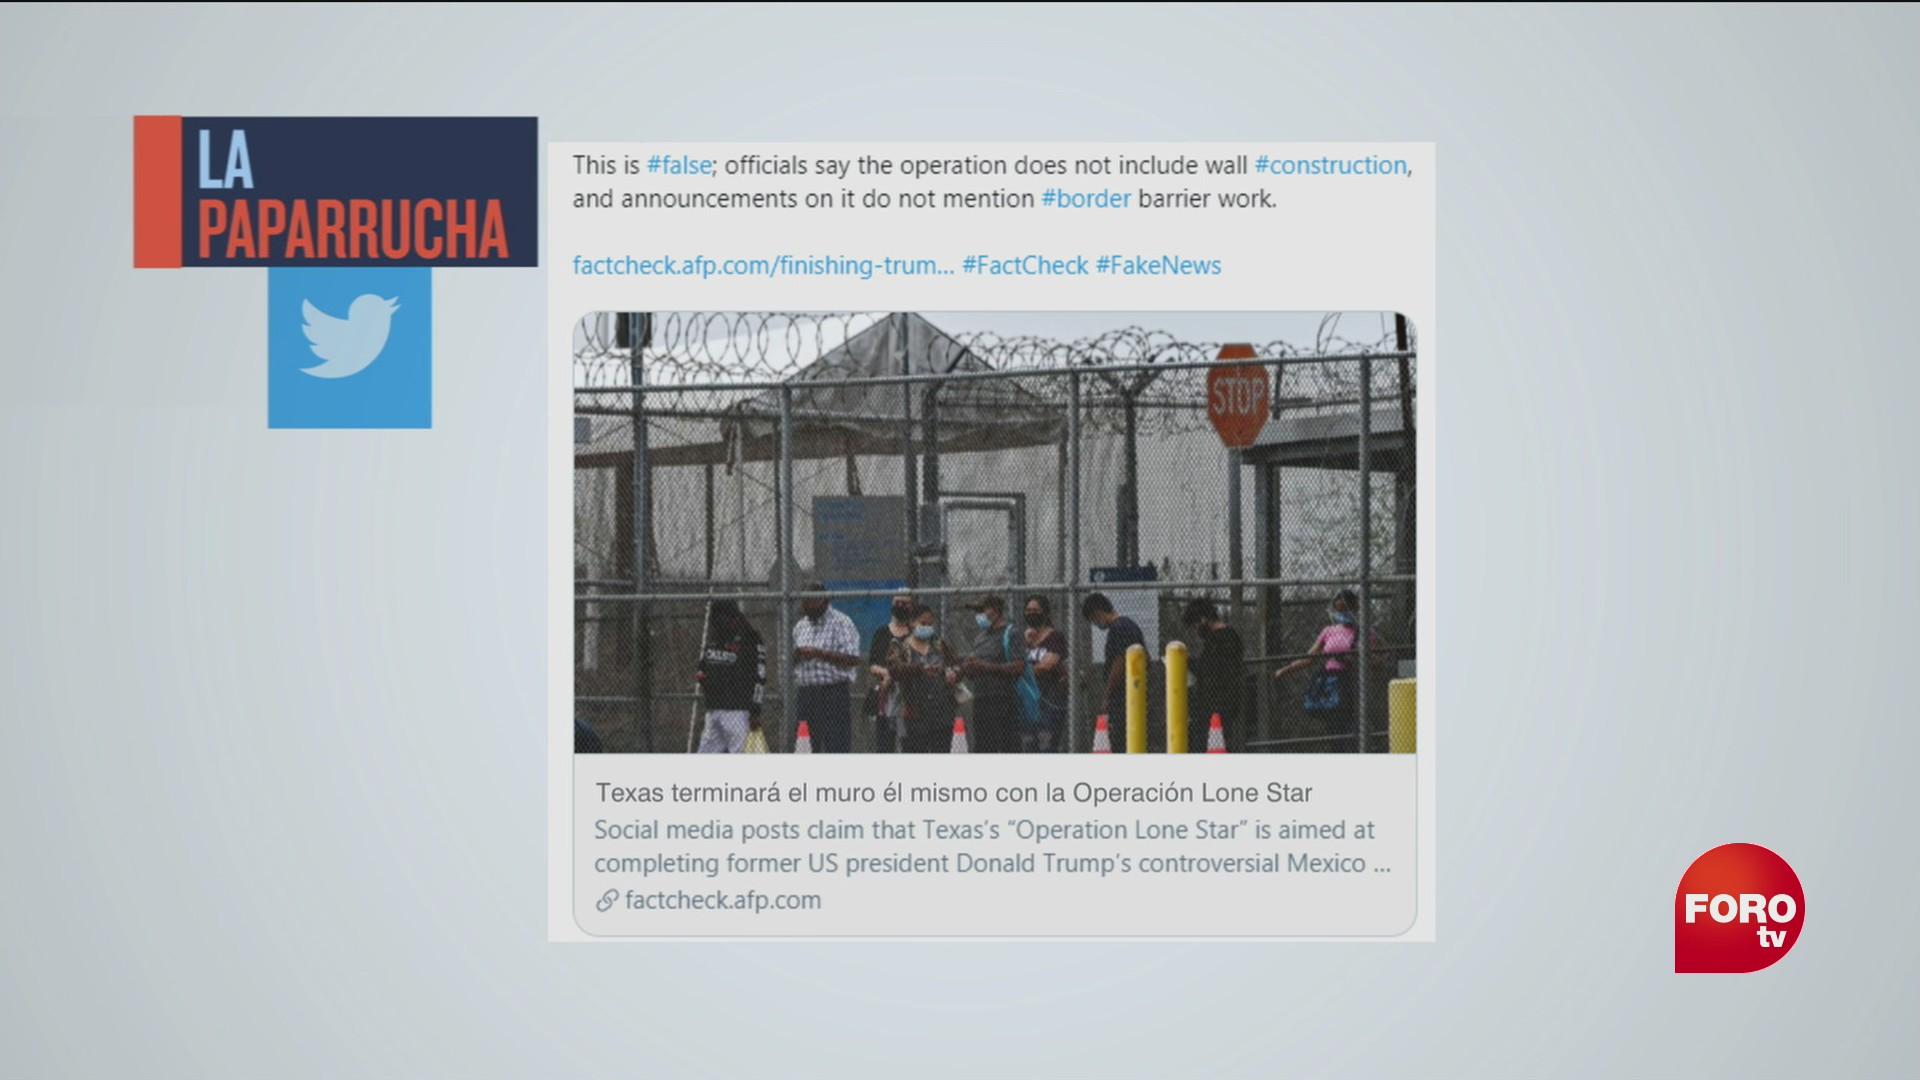 gobierno de texas terminara de construir el muro de trump la paparrucha del dia